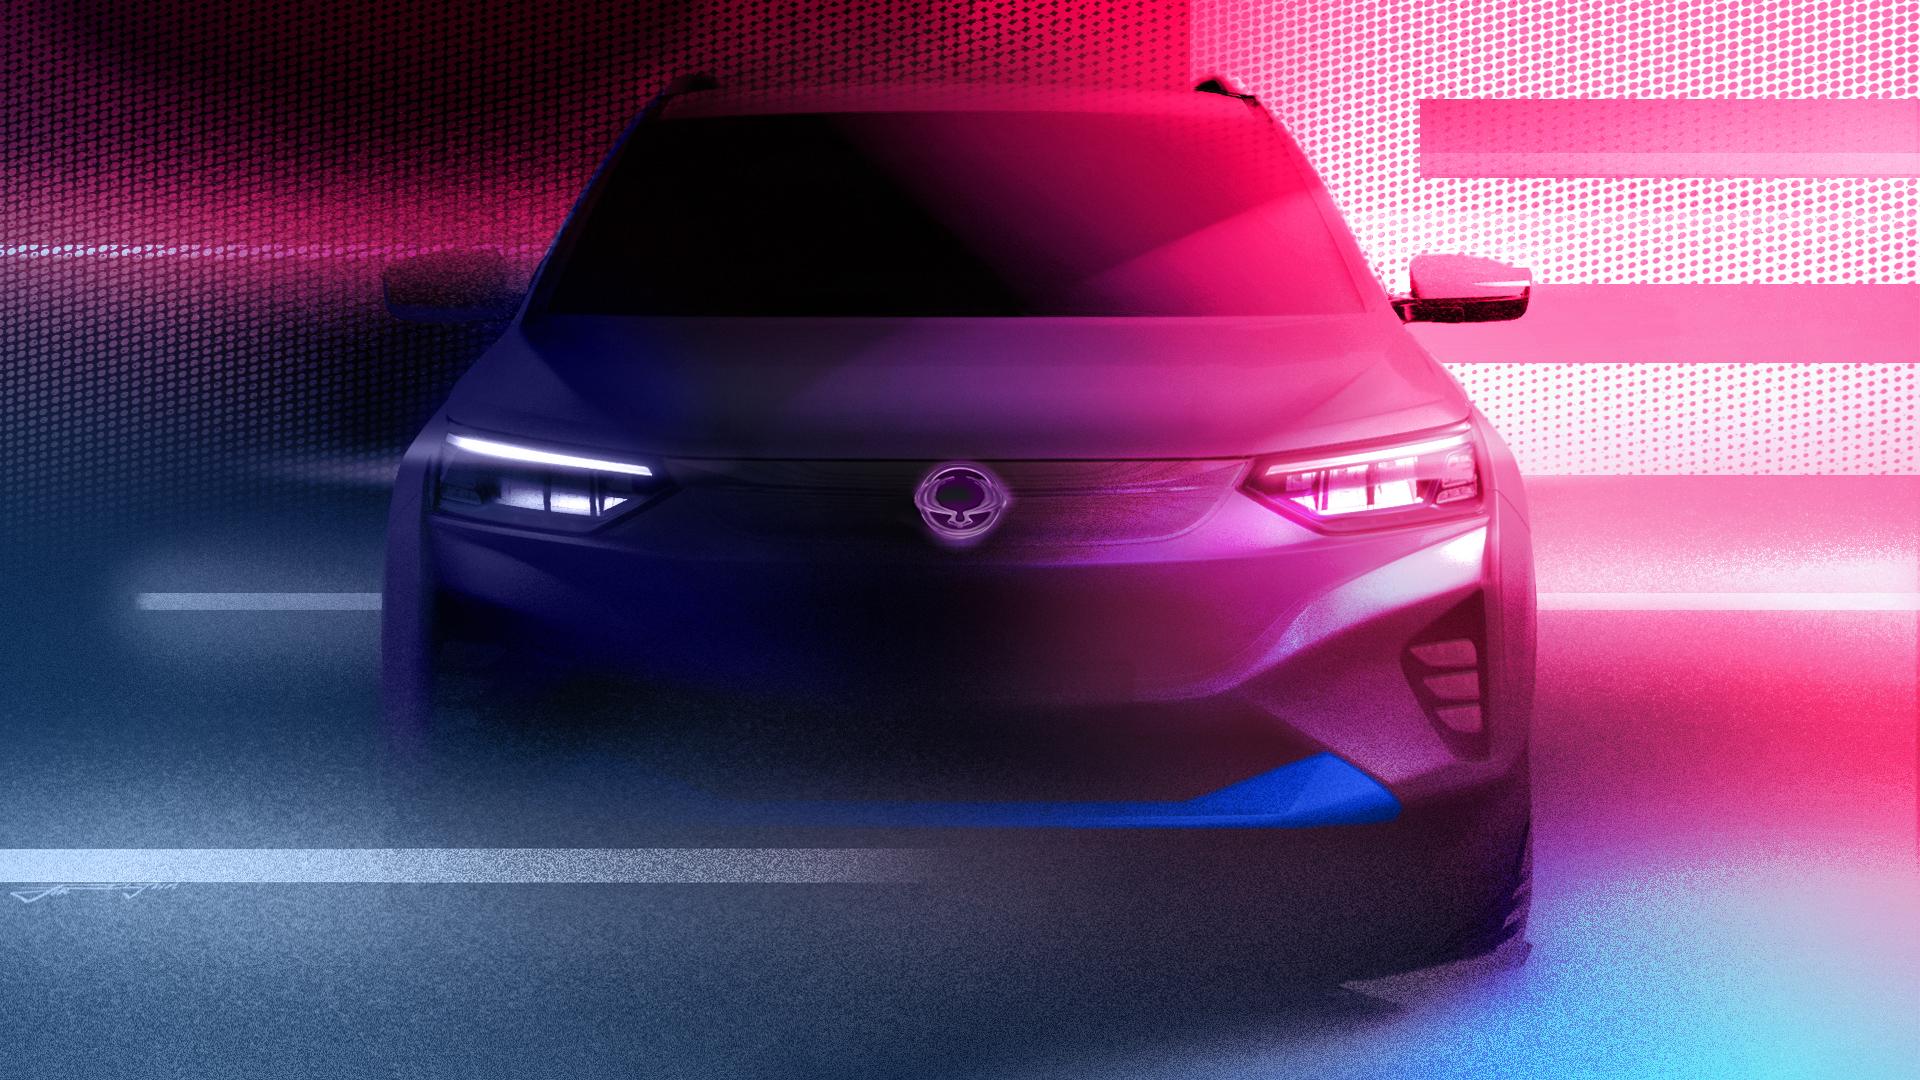 Новый кросс от SsangYong предлагает то, чего лишены Renault Arkana и Kia Seltos: первая информация о будущей модели